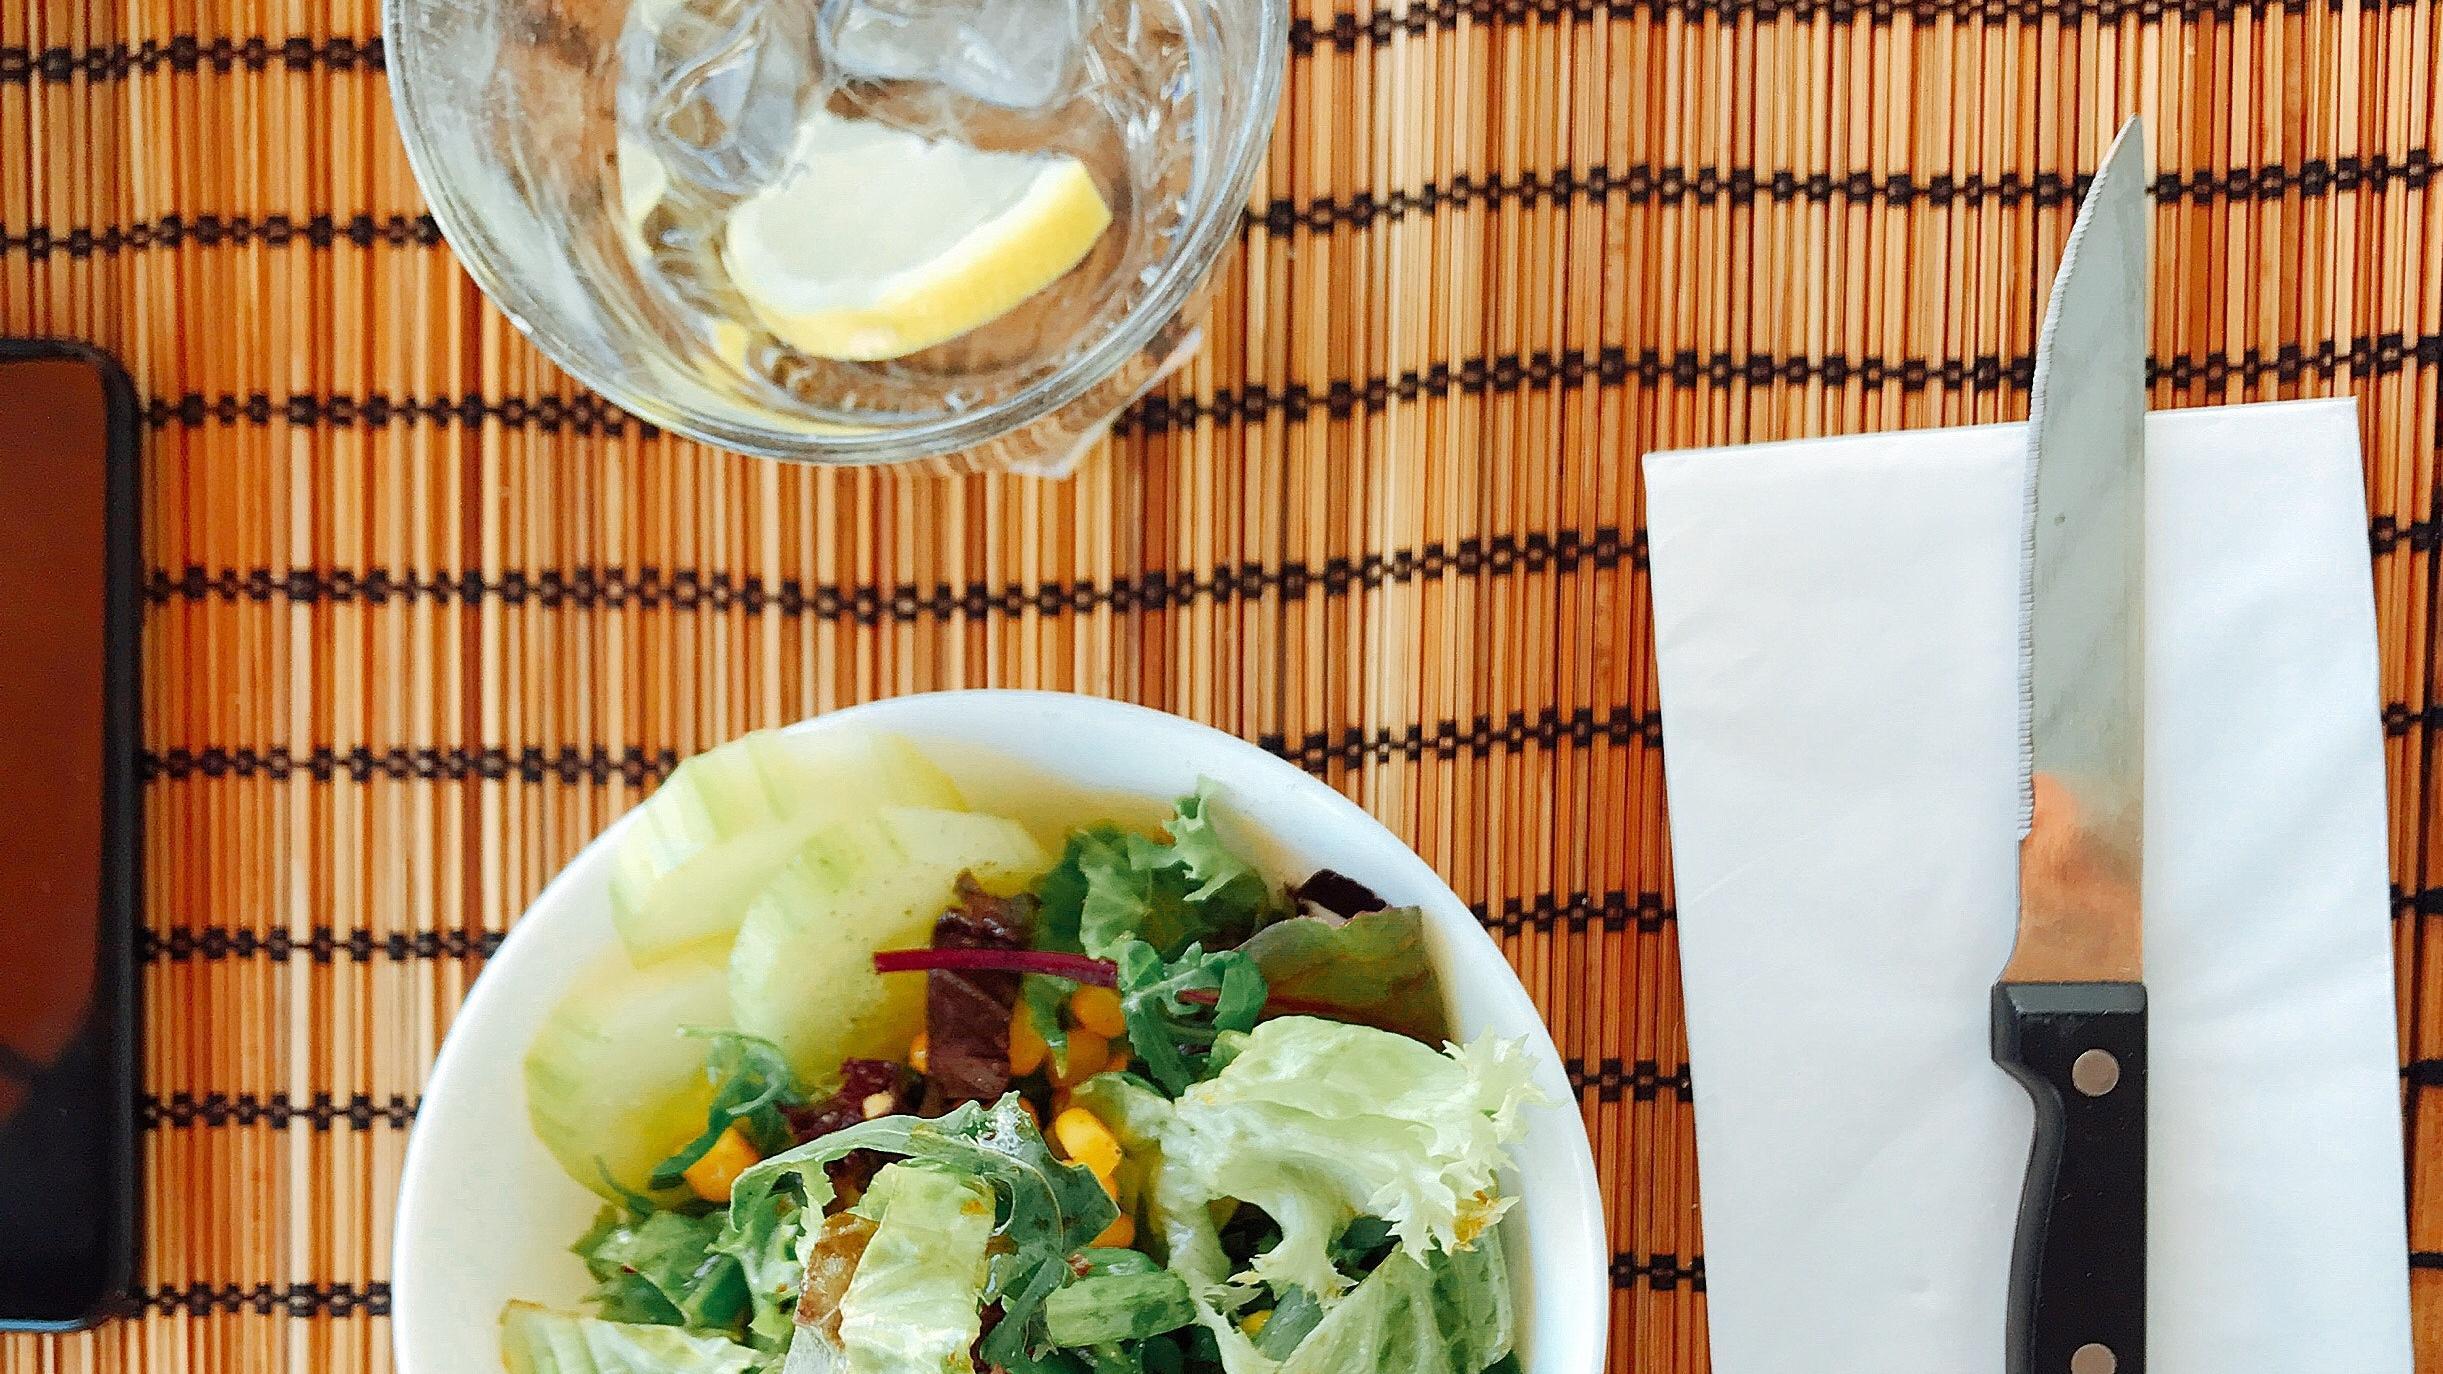 Der typische Speiseplan der 17-Tage-Diät: Zitronenwasser und Salat